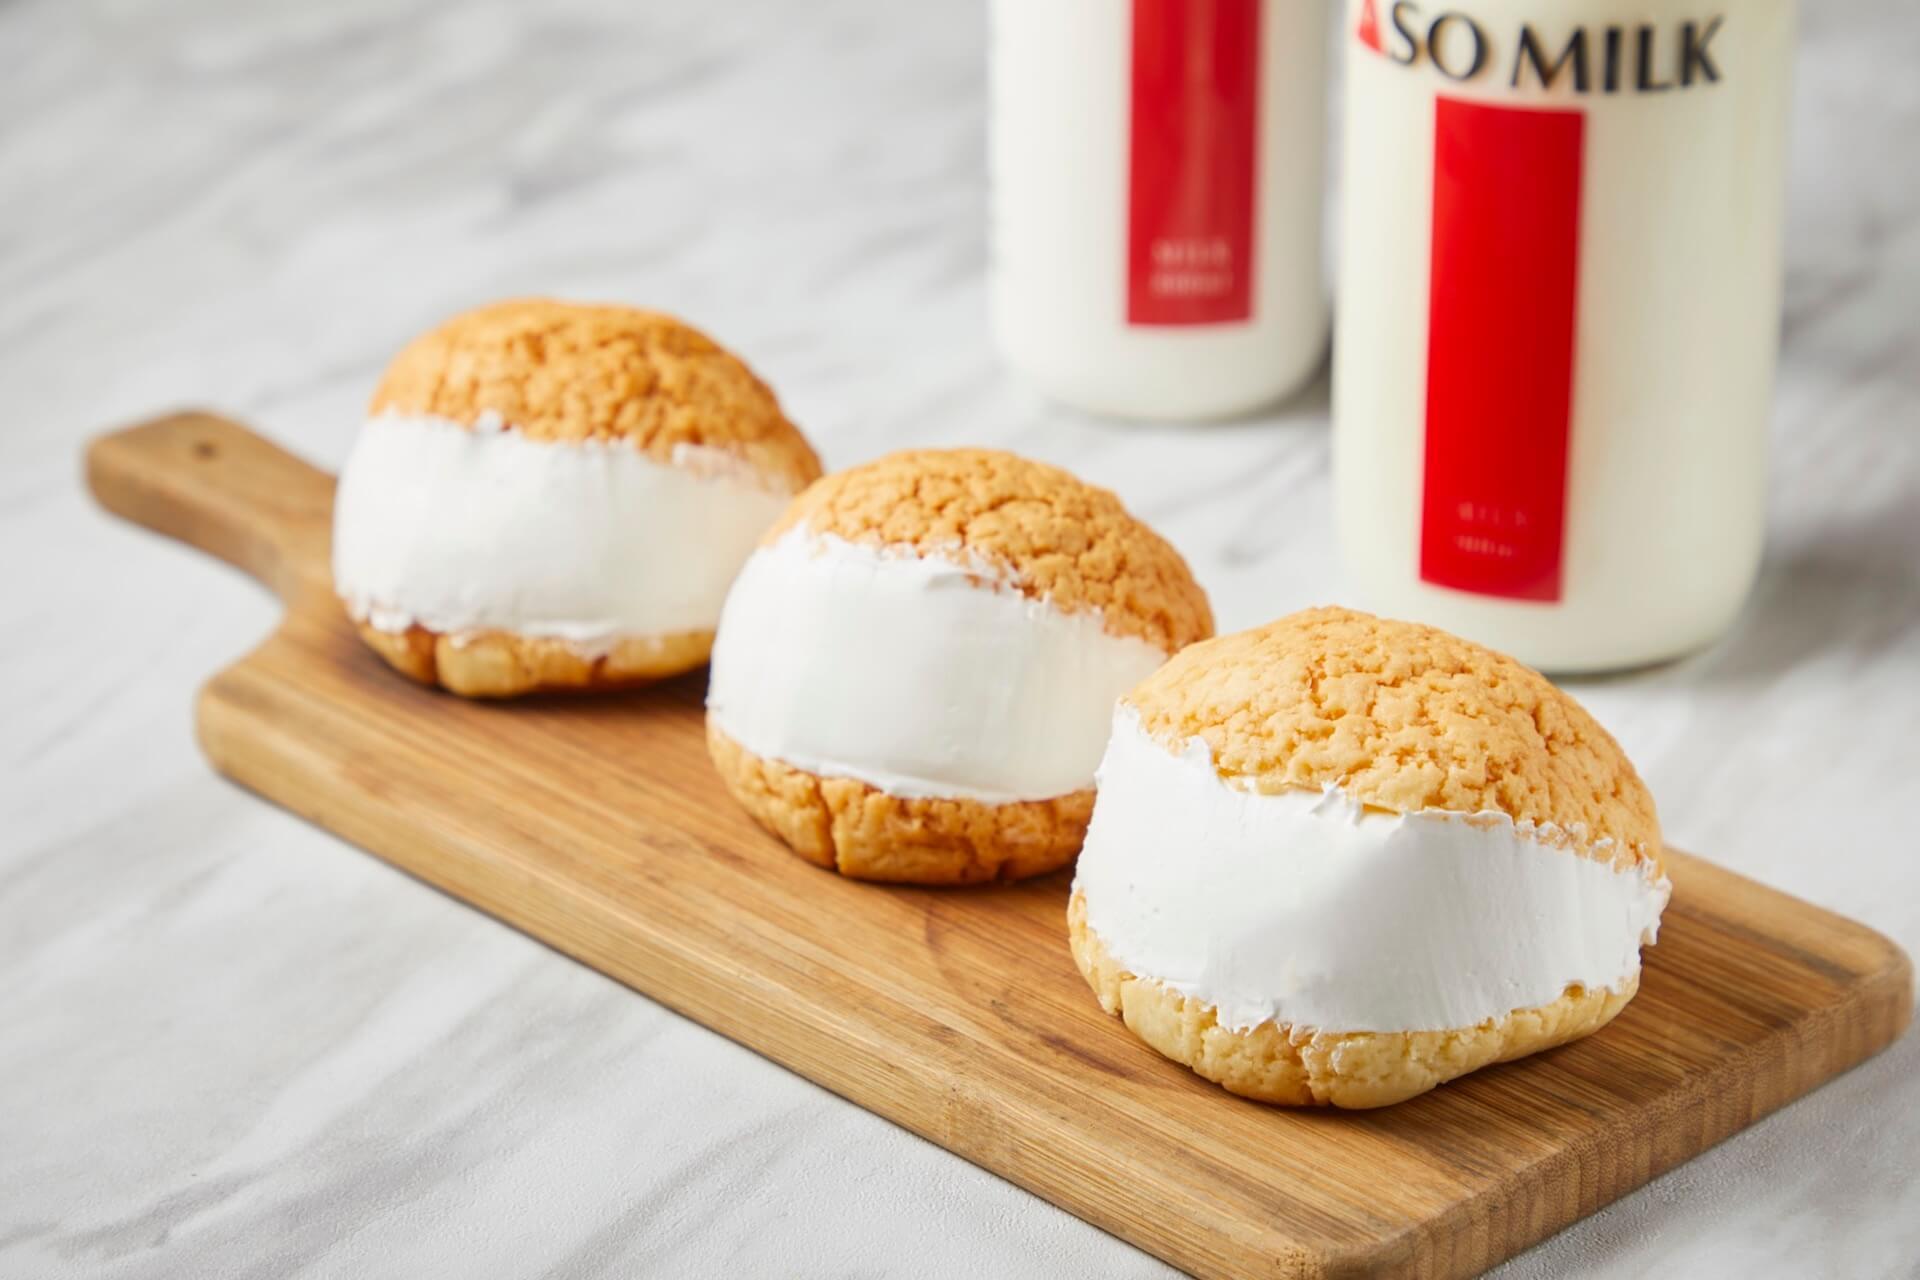 熊本・ASO MILKを使った超濃厚なマリトッツォ&ソフトクリームがBAKE&MILKで本日発売! gourmet210408_bakeandmilk_3